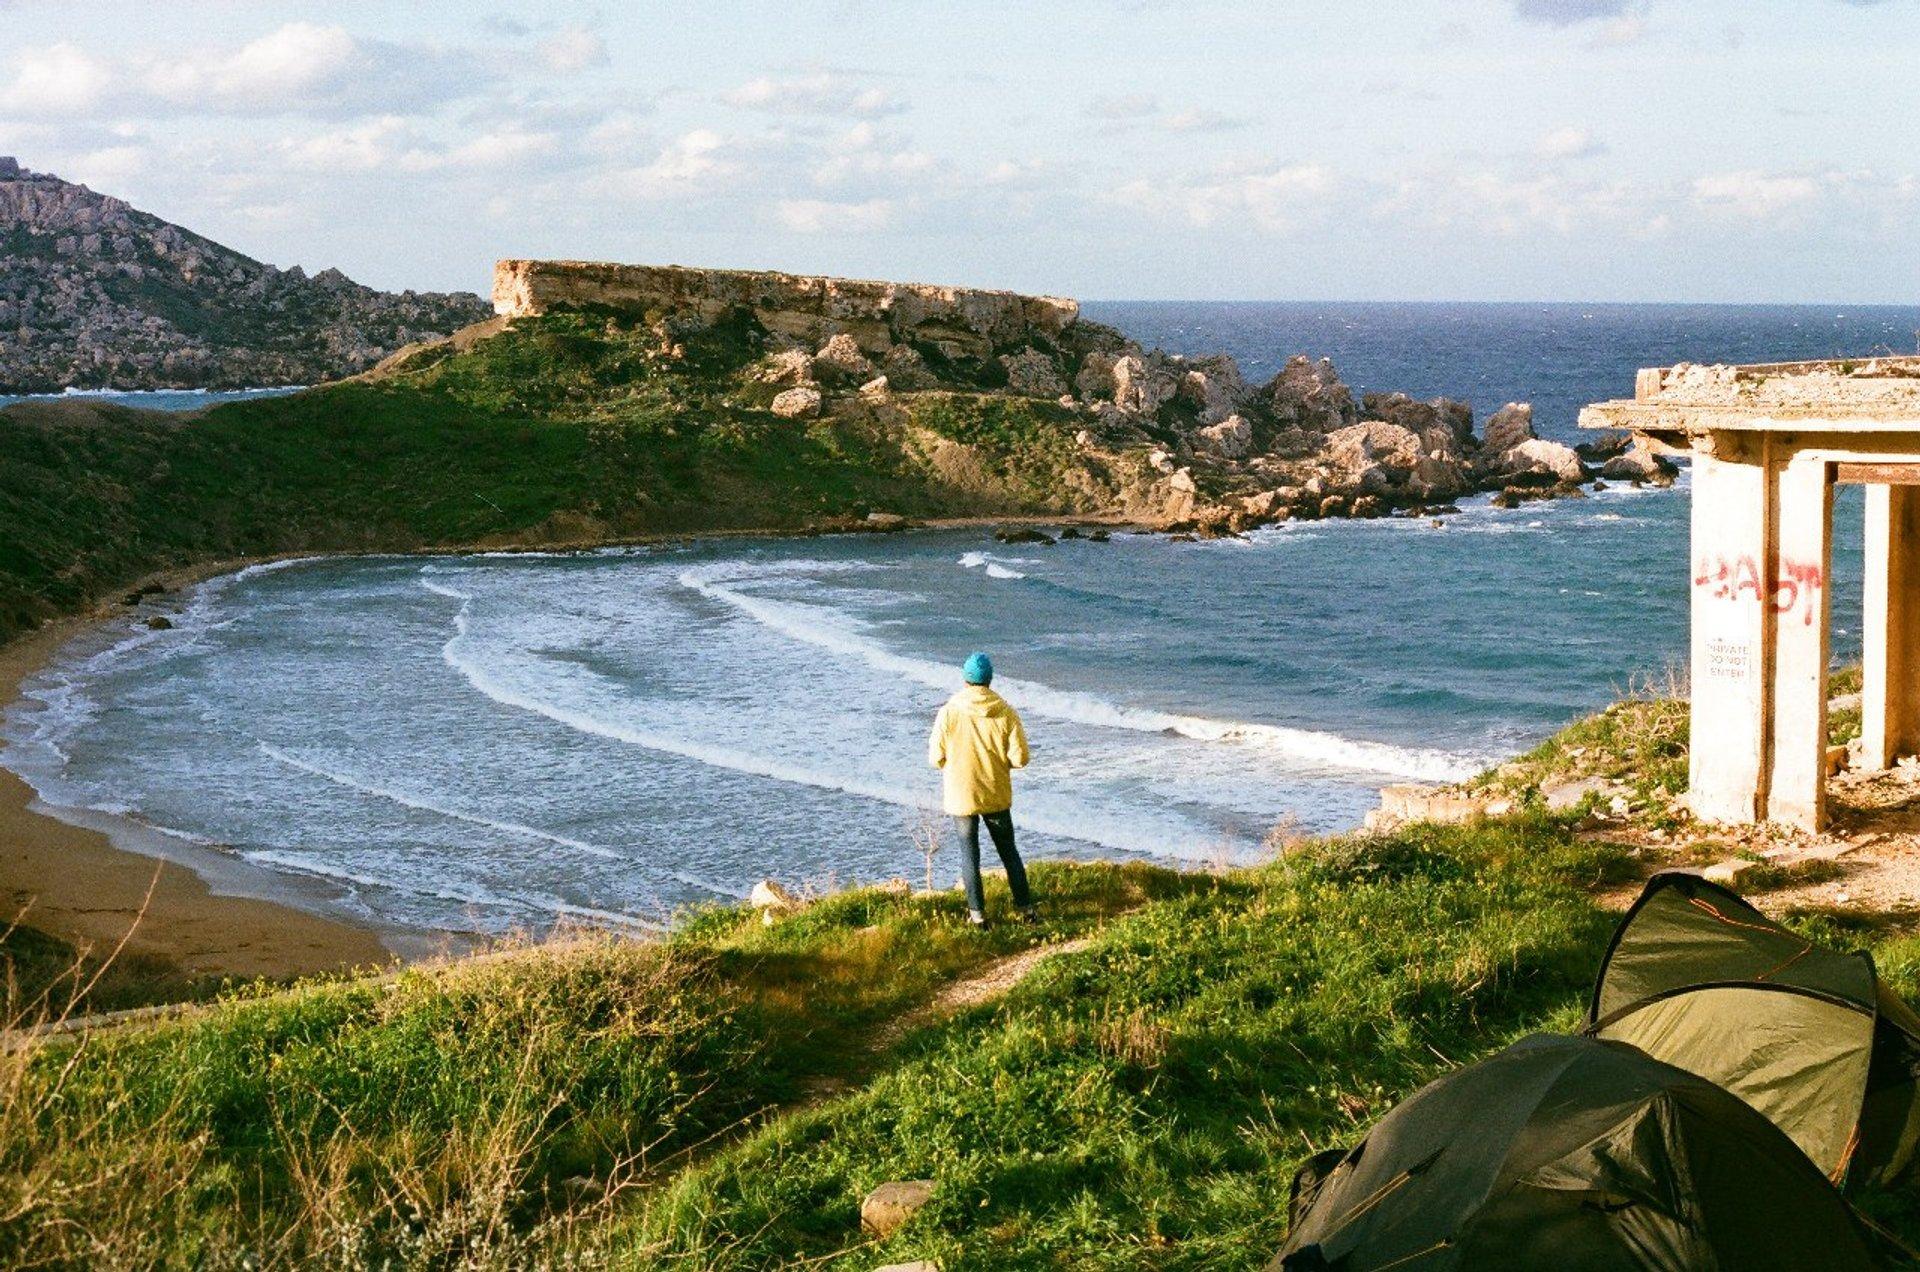 Hiking in Malta in Malta 2019 - Best Time